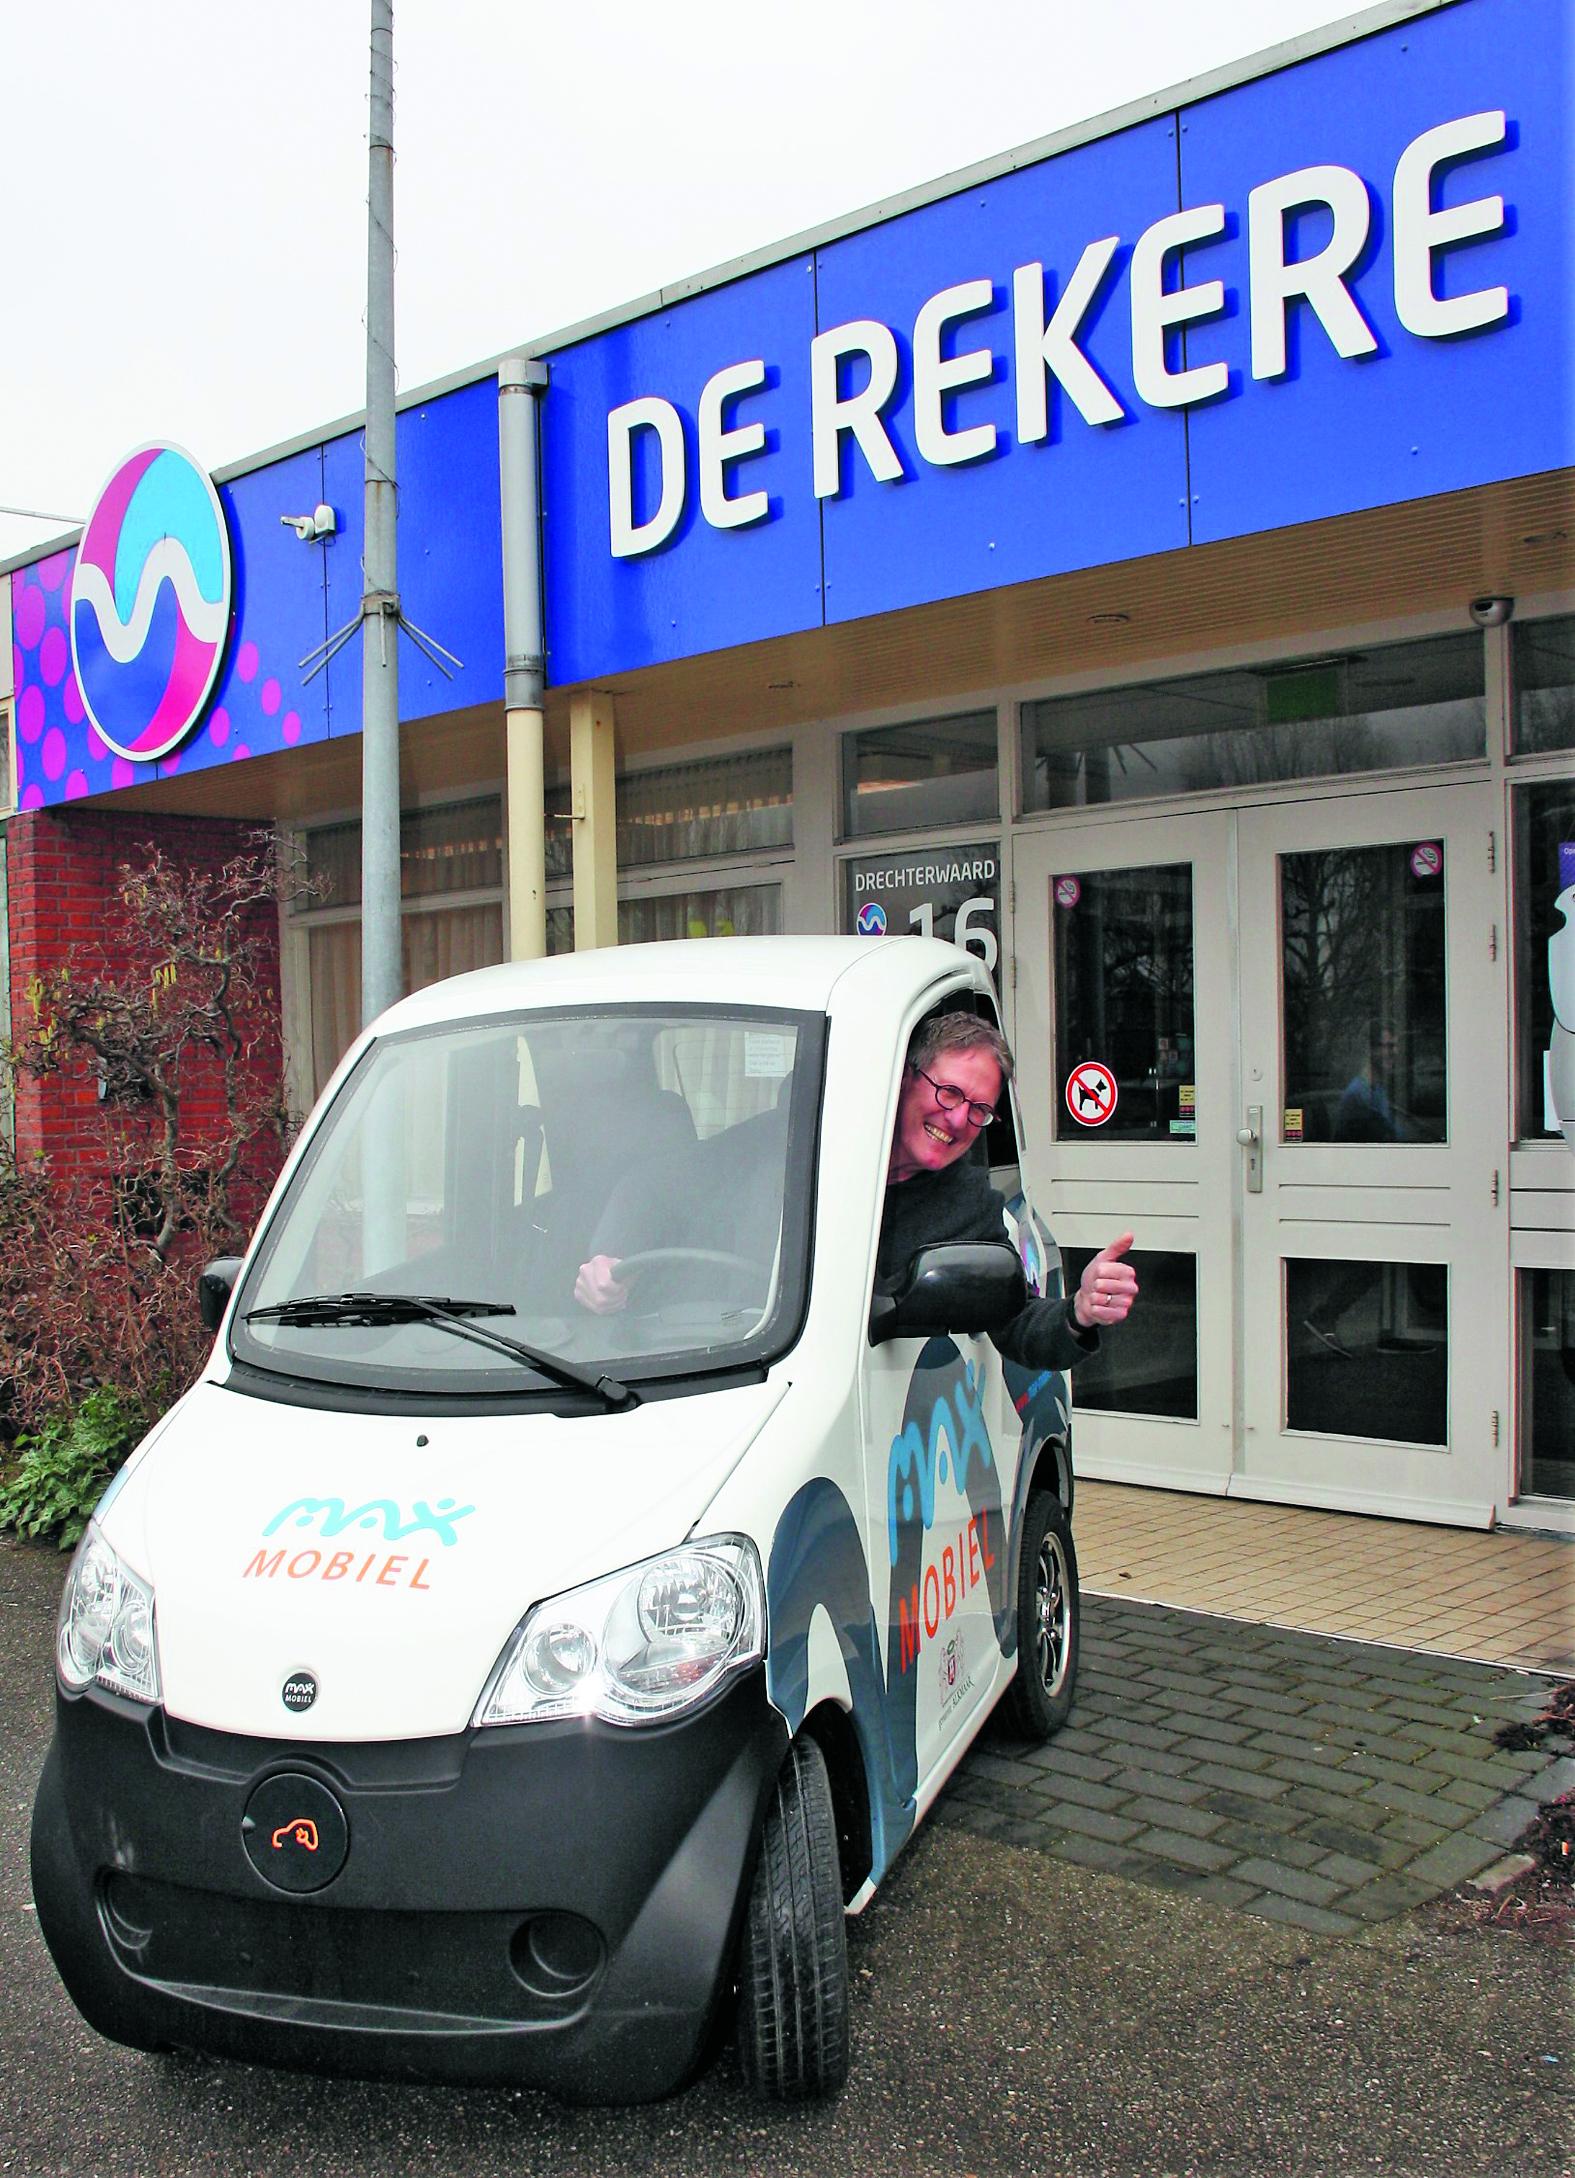 Wijkcentrum De Rekere beschikt sinds kort over een Max Mobiel. (Foto: aangeleverd)